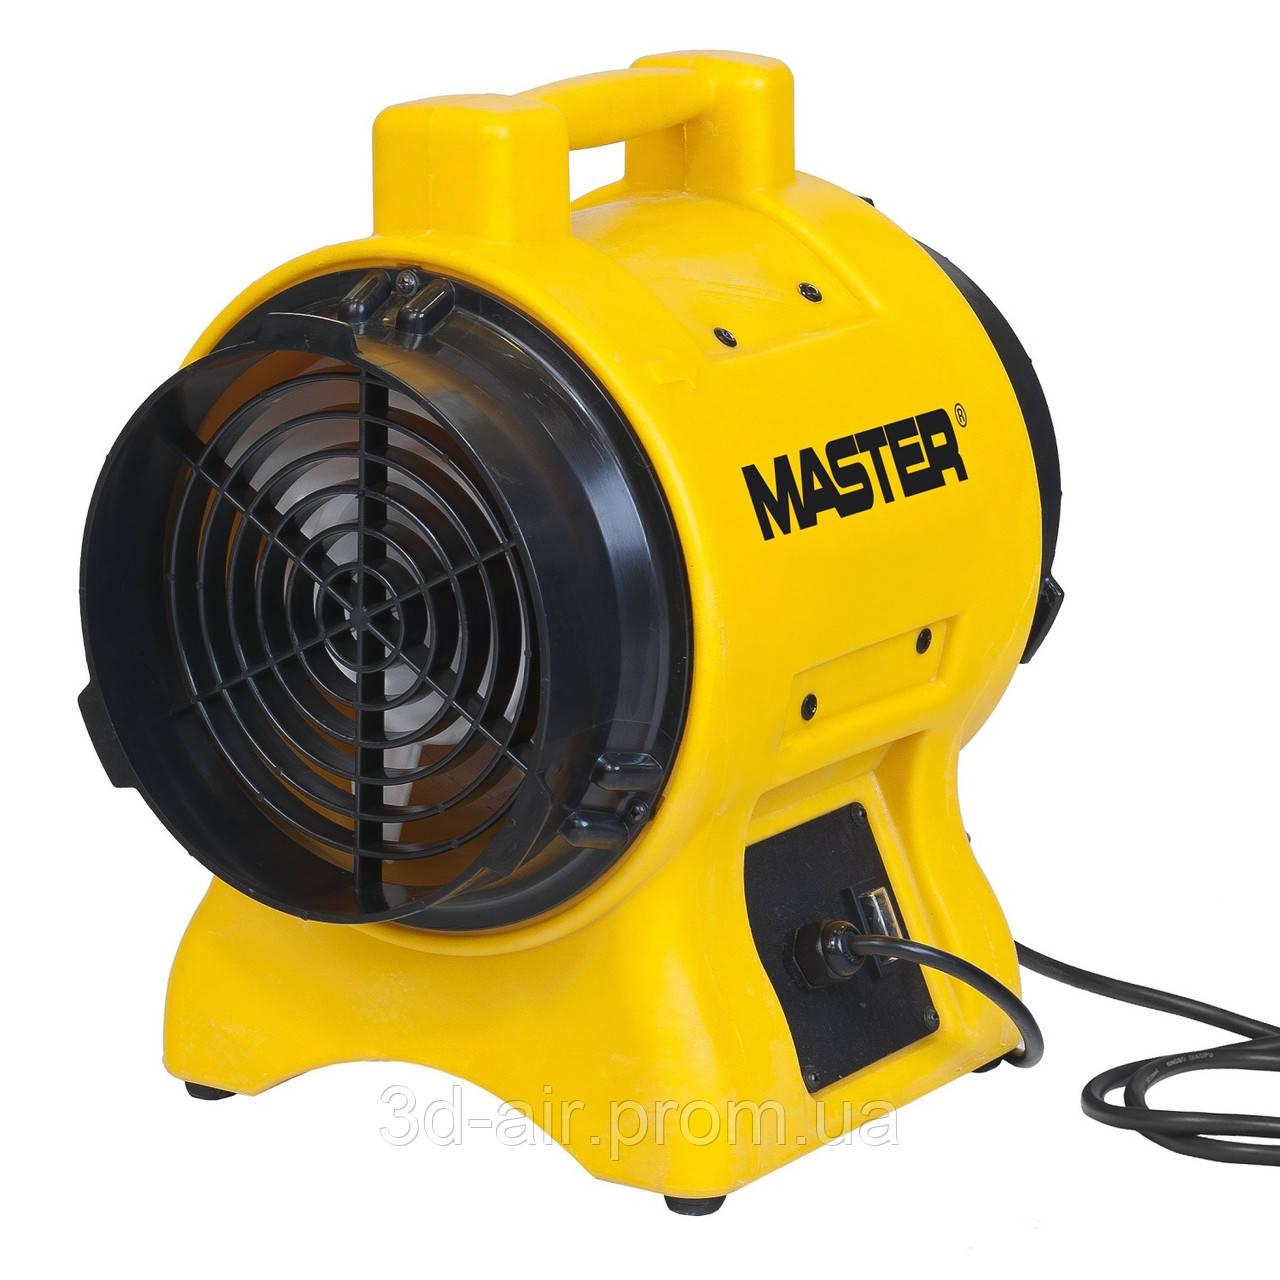 Вентилятор канальний Master BL 4800